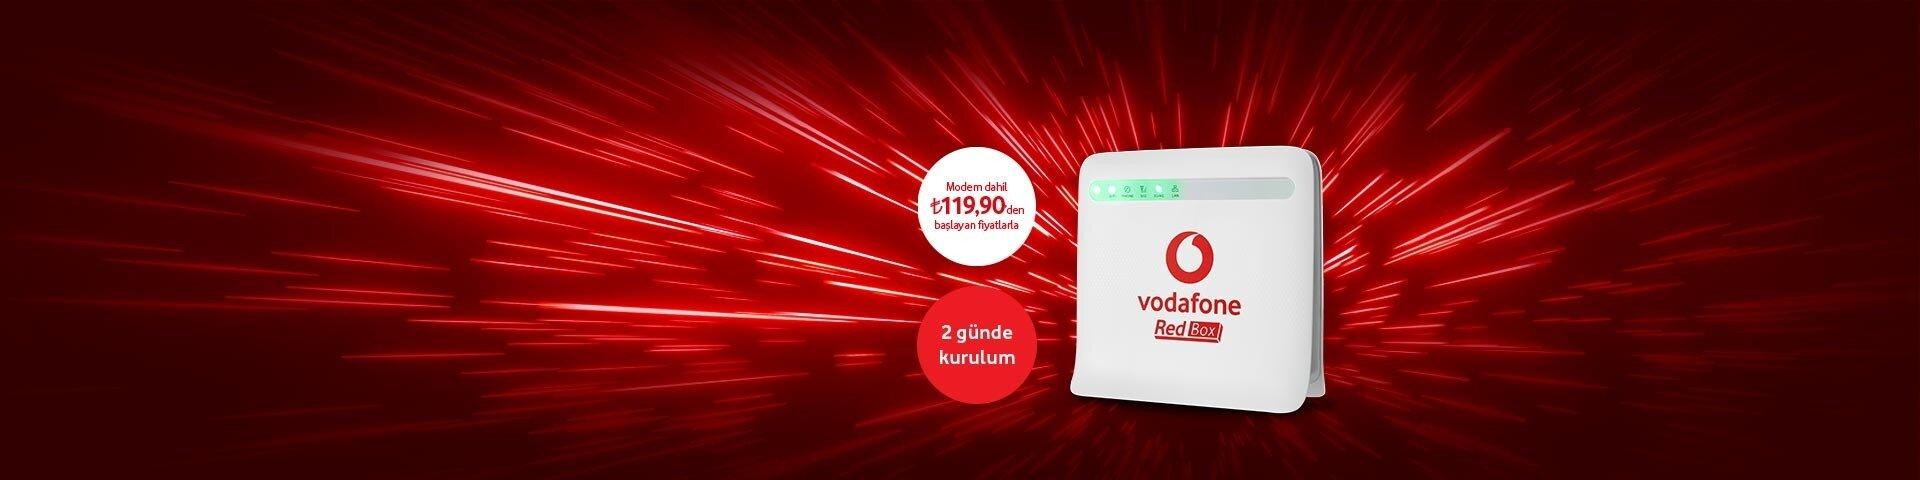 Vodafone Evde Redbox Tarifeleri